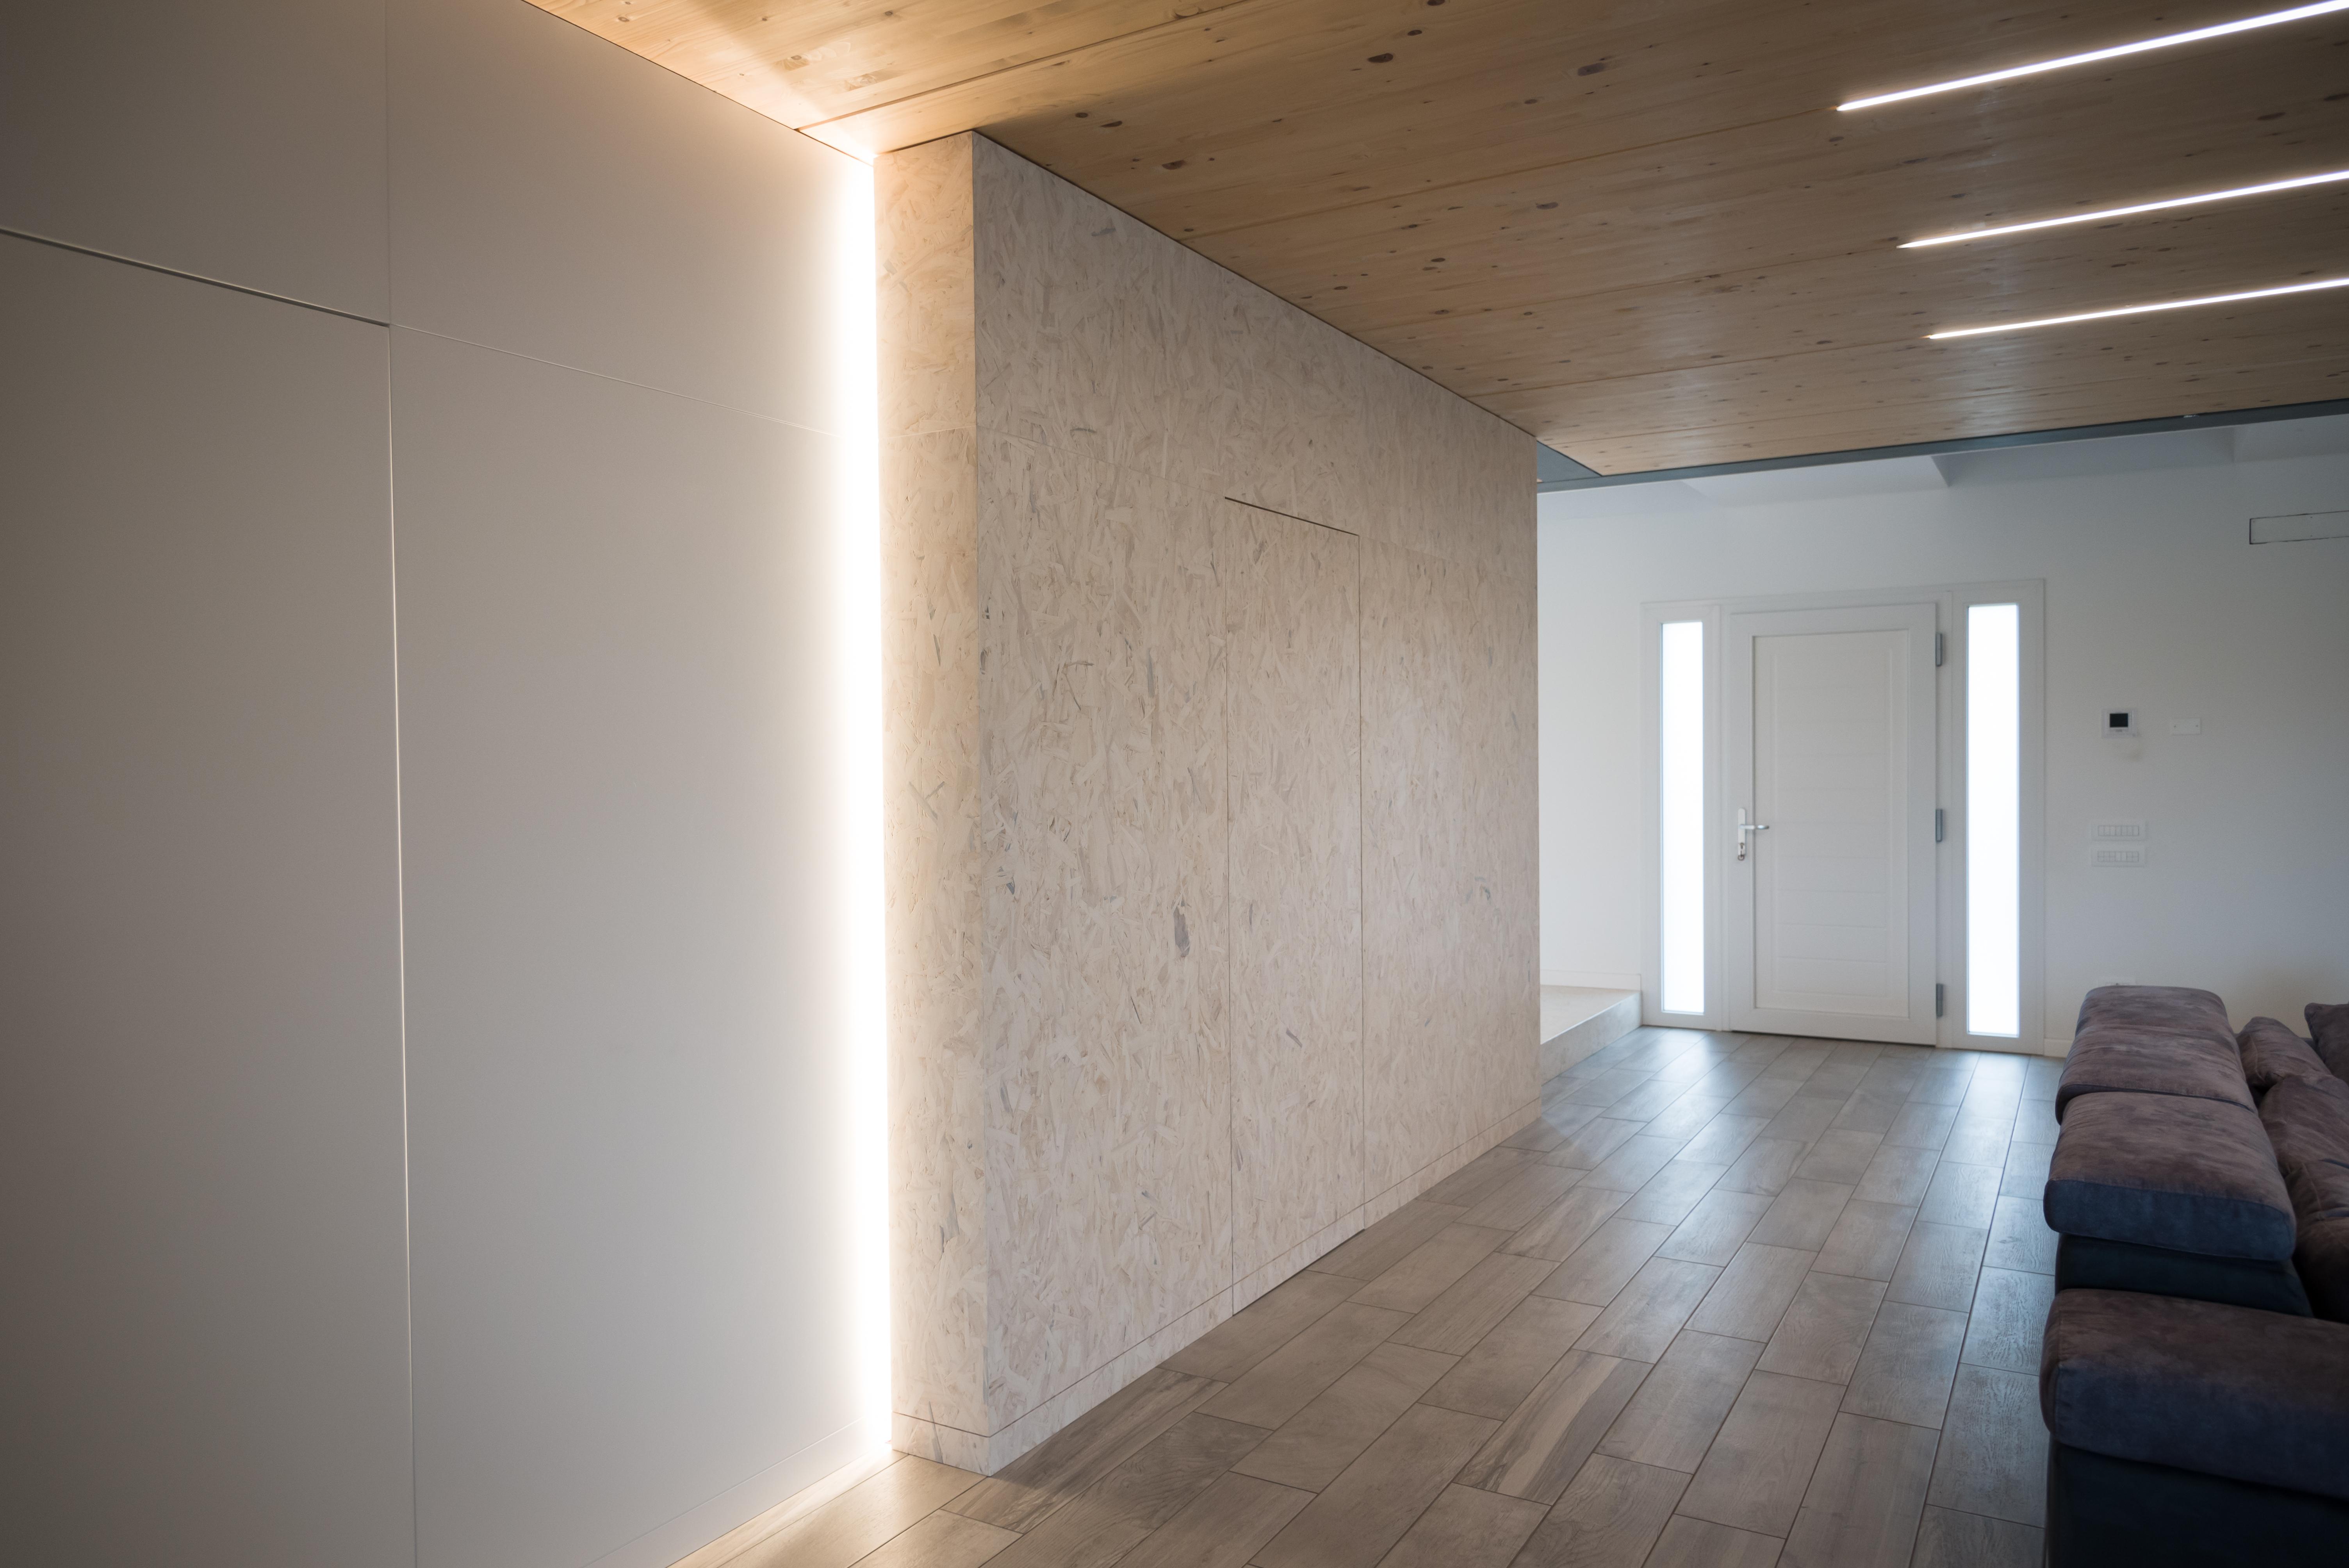 Soffitti in legno con luci inserite ESCAPE='HTML'